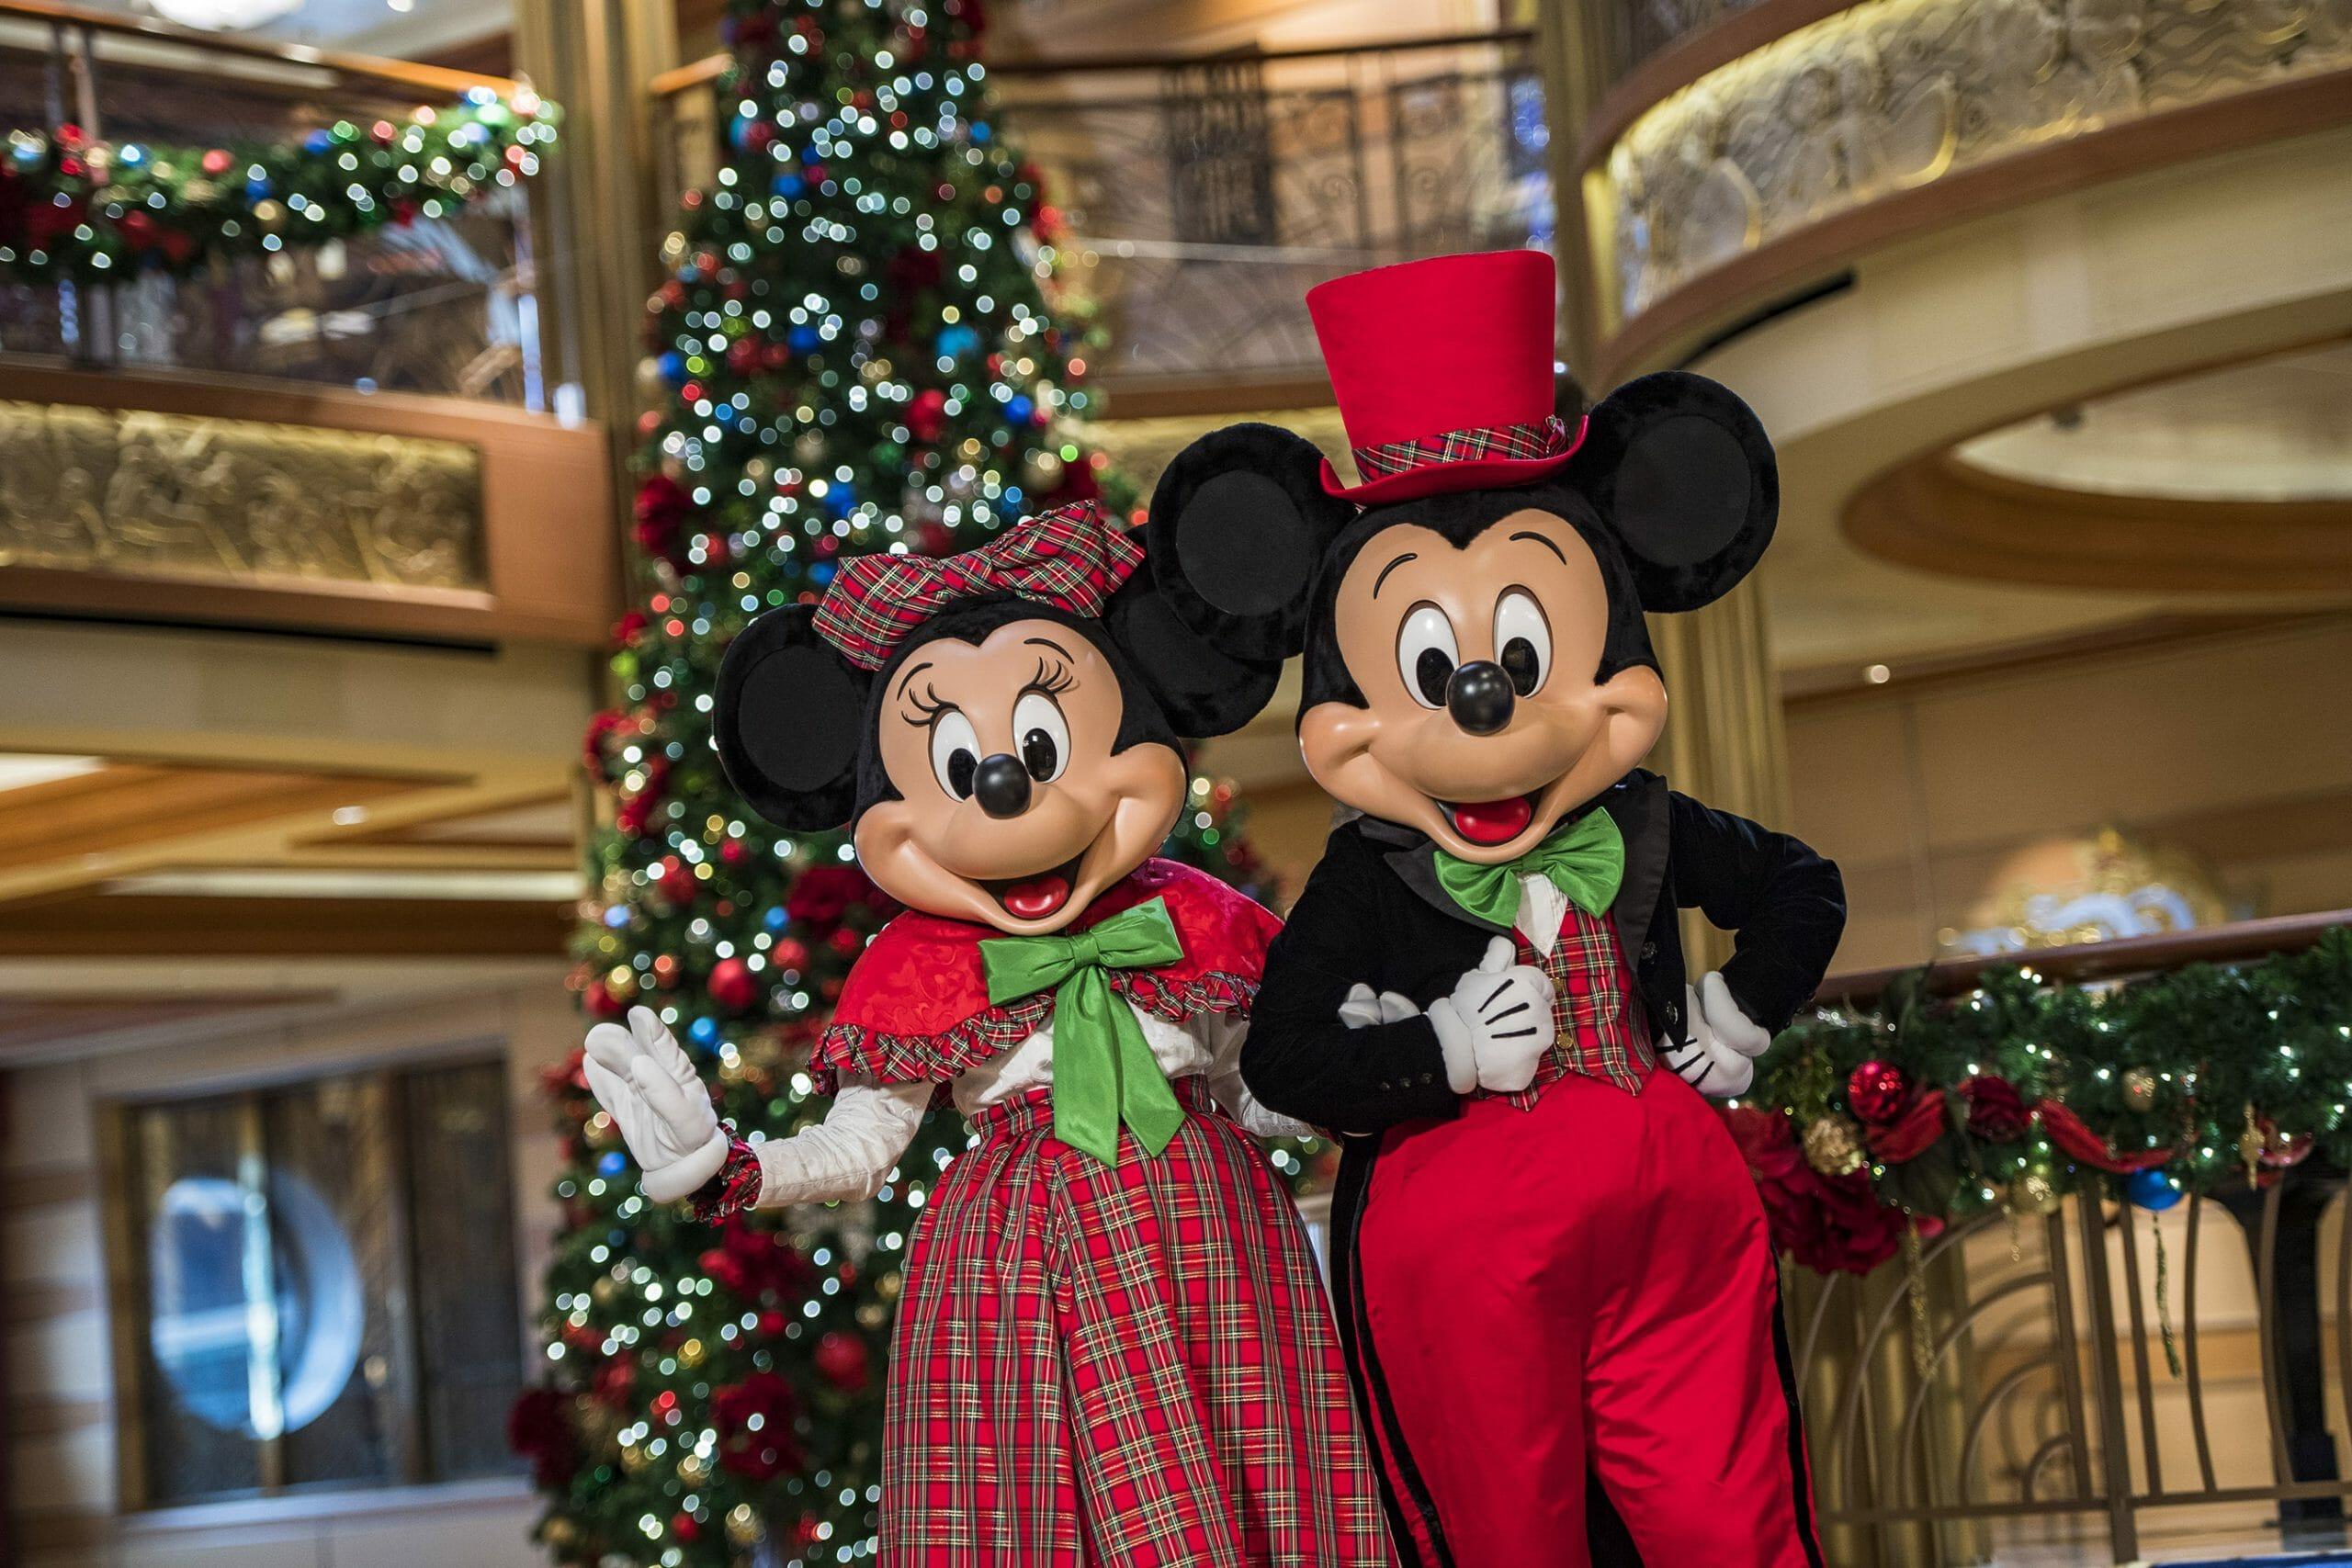 Mickey e Minnie com roupas de Natal em frente a uma árvore de Natal no átrio do navio de cruzeiro da Disney